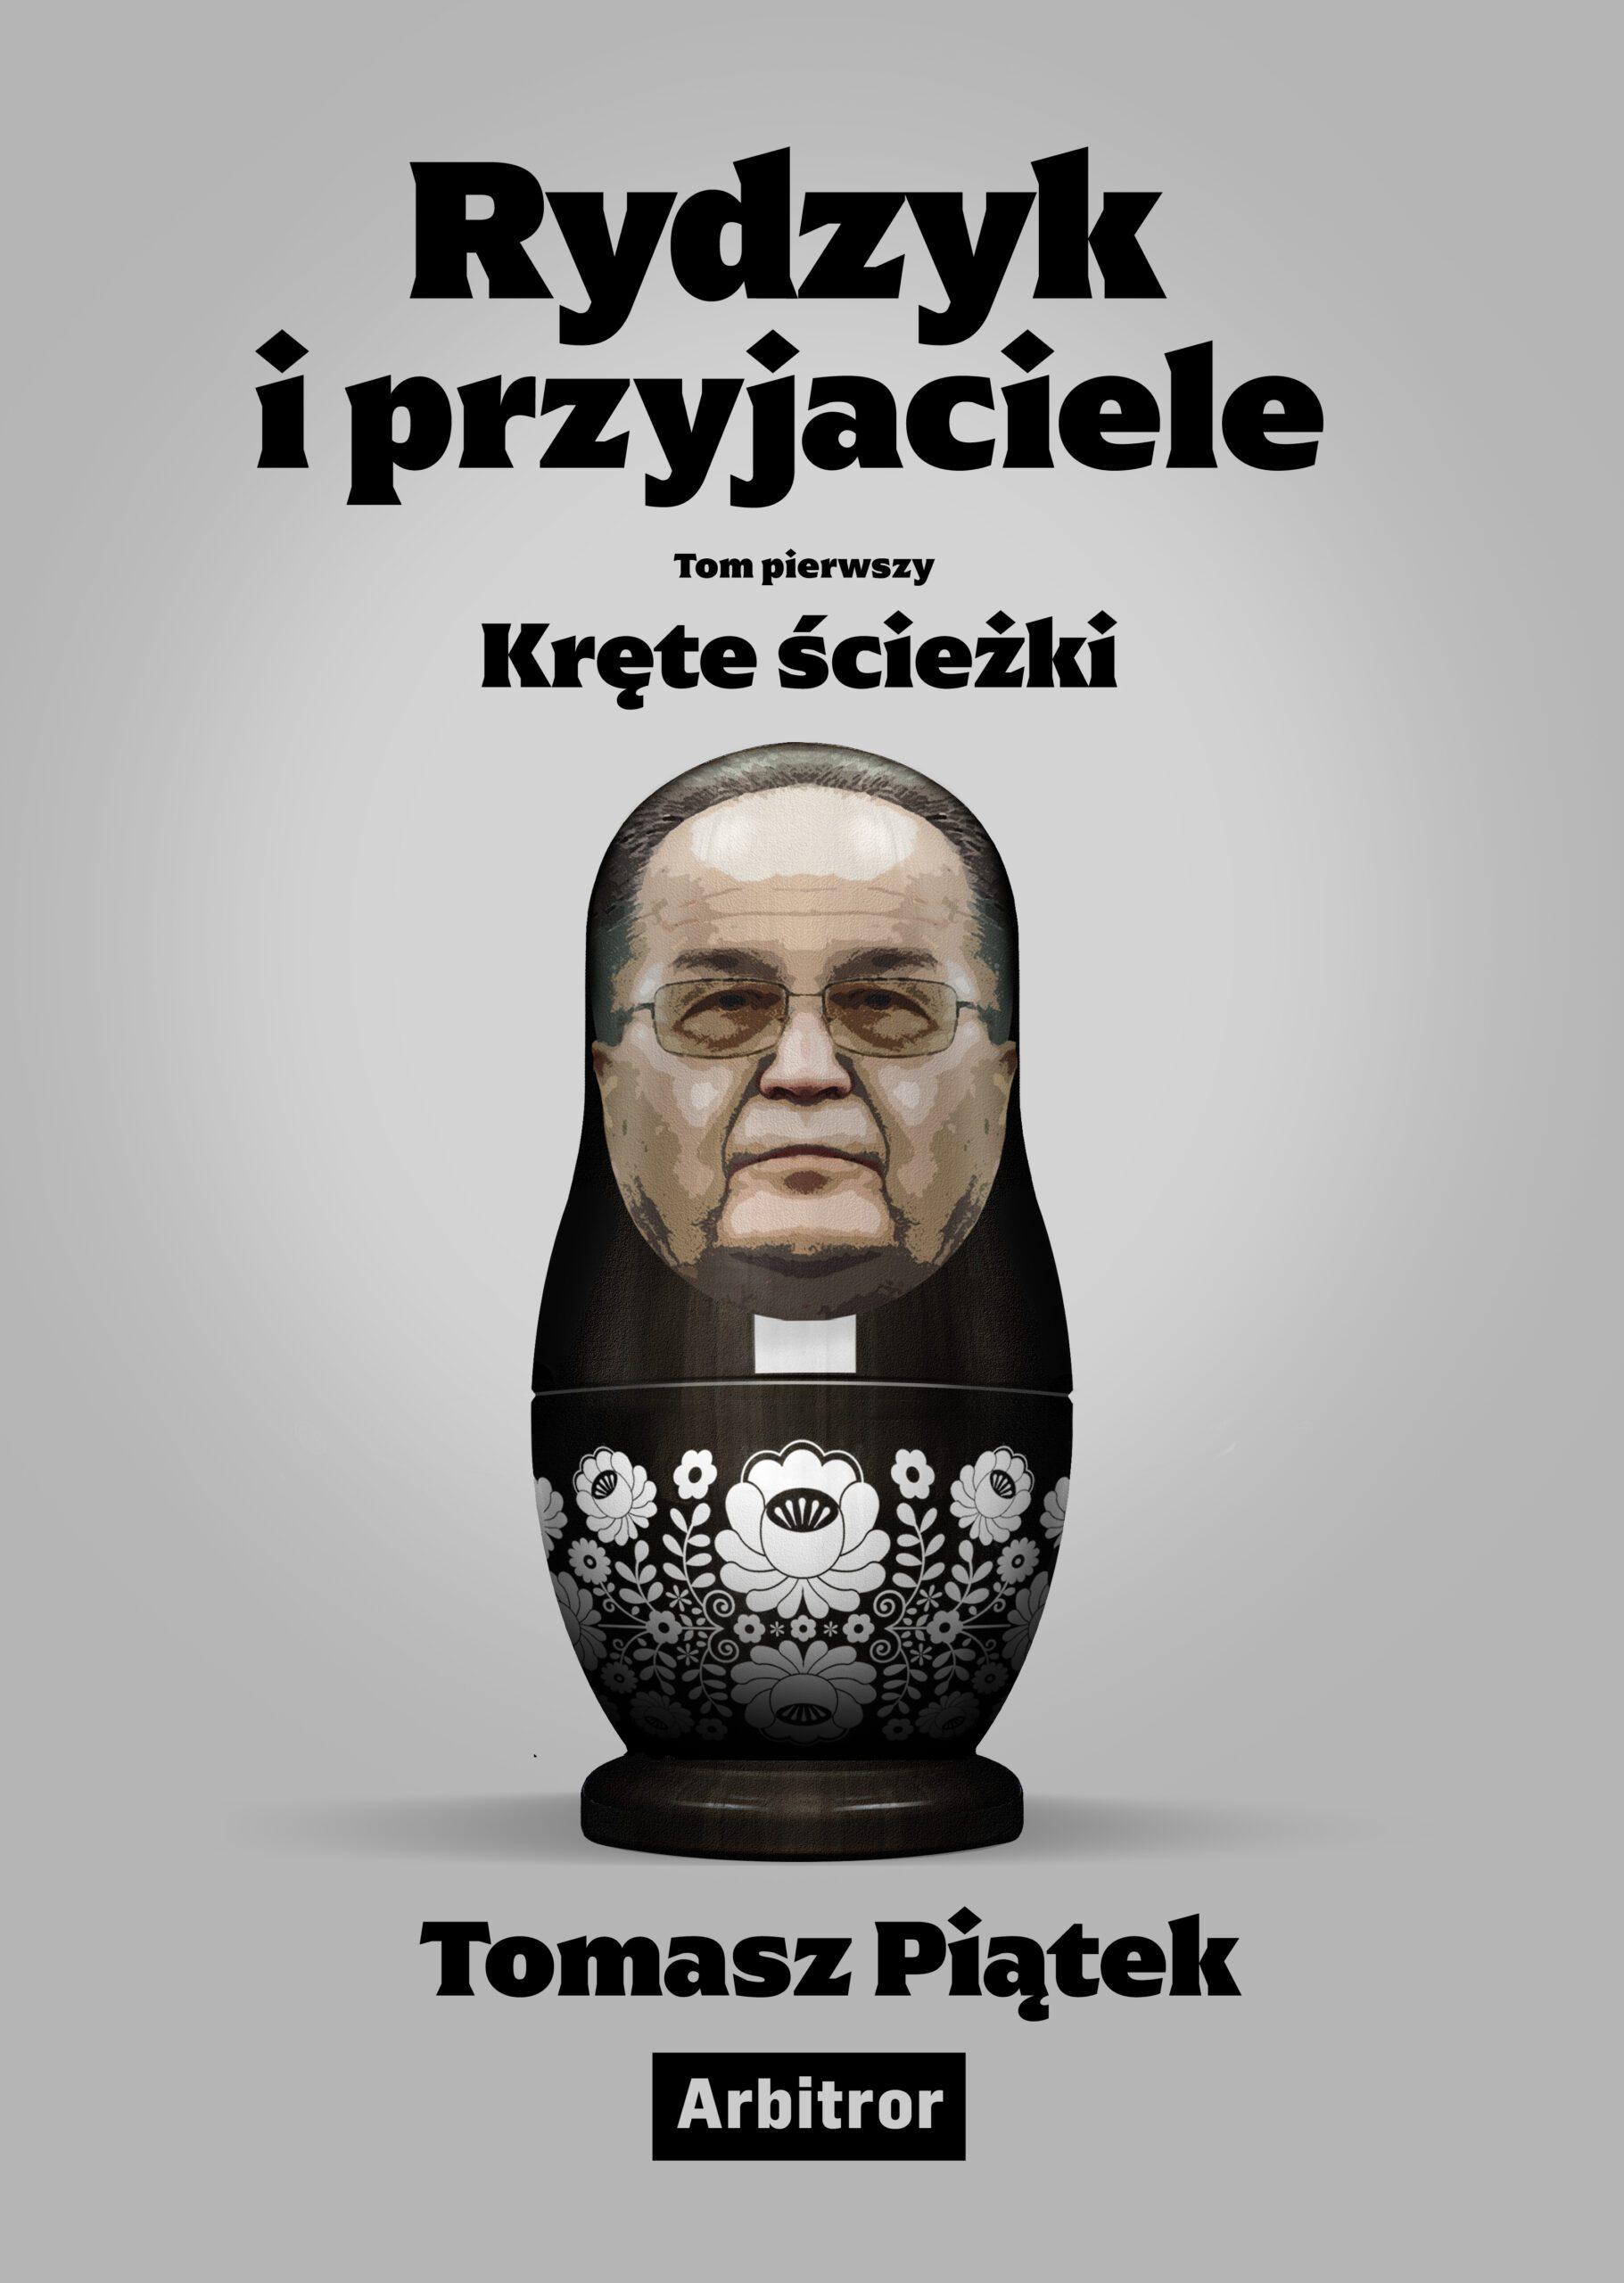 rydzyk1